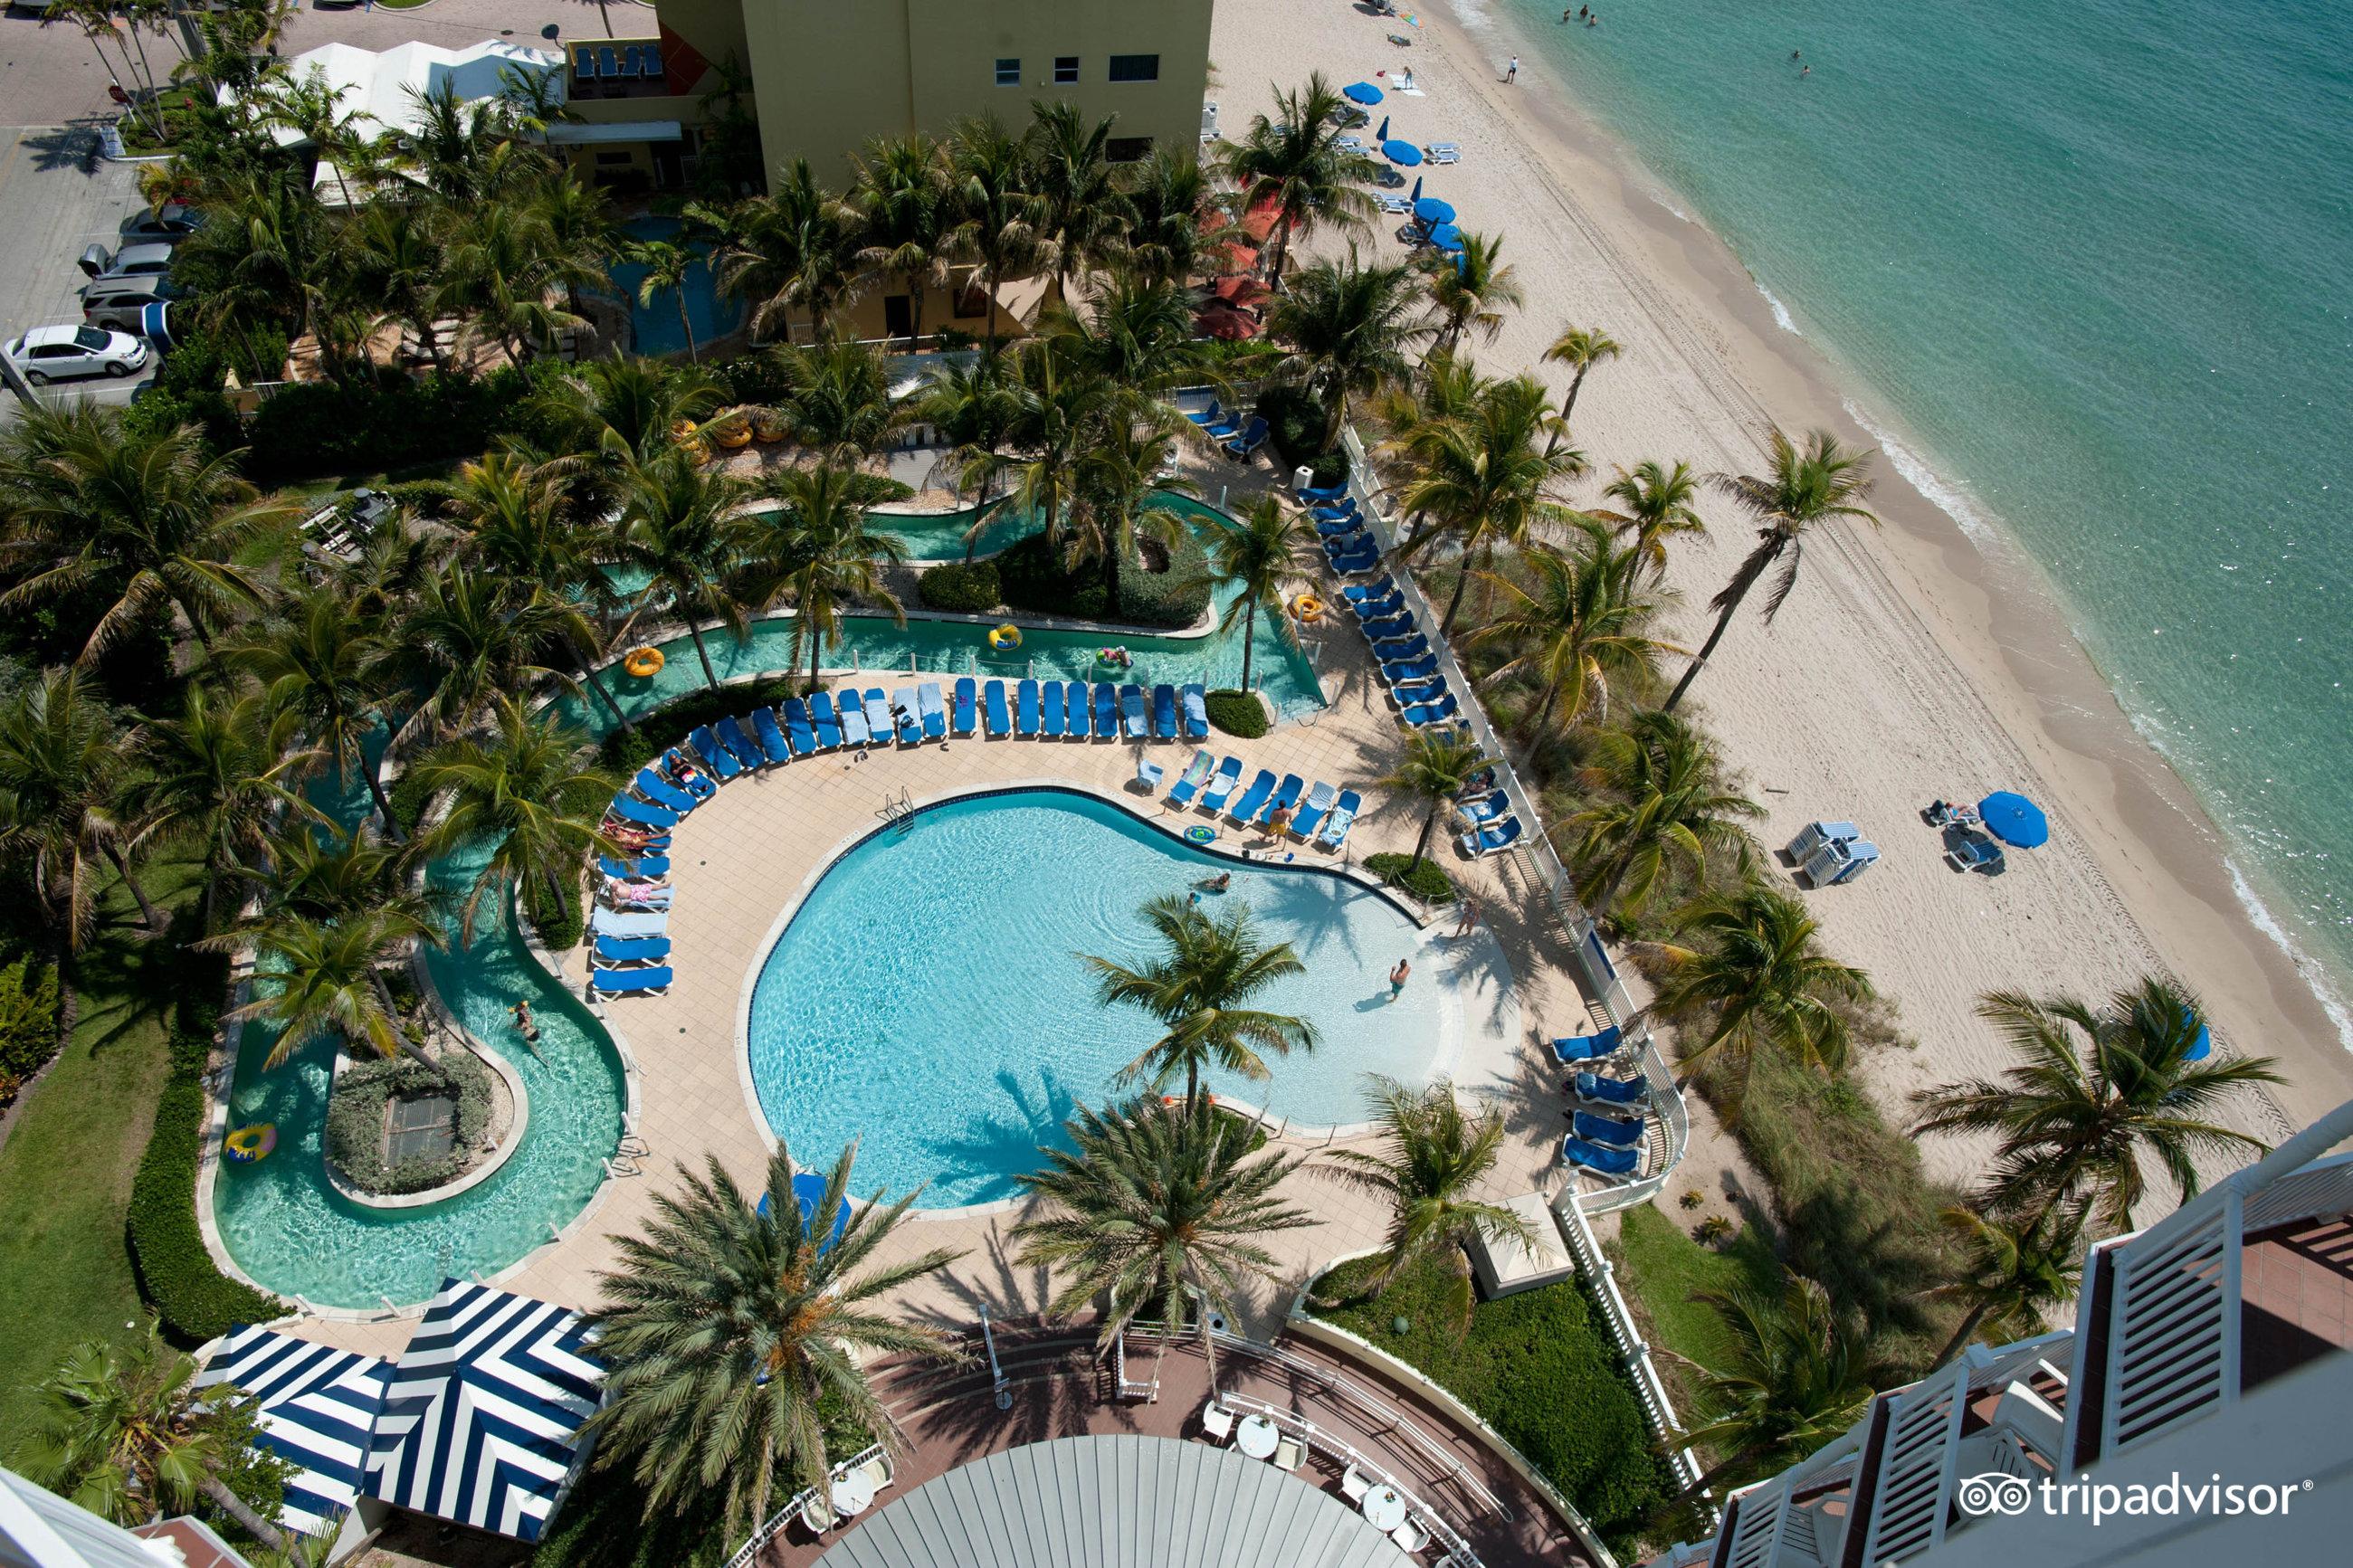 Pelican Grand Beach Resort Fort Lauderdale FL 2018 Review